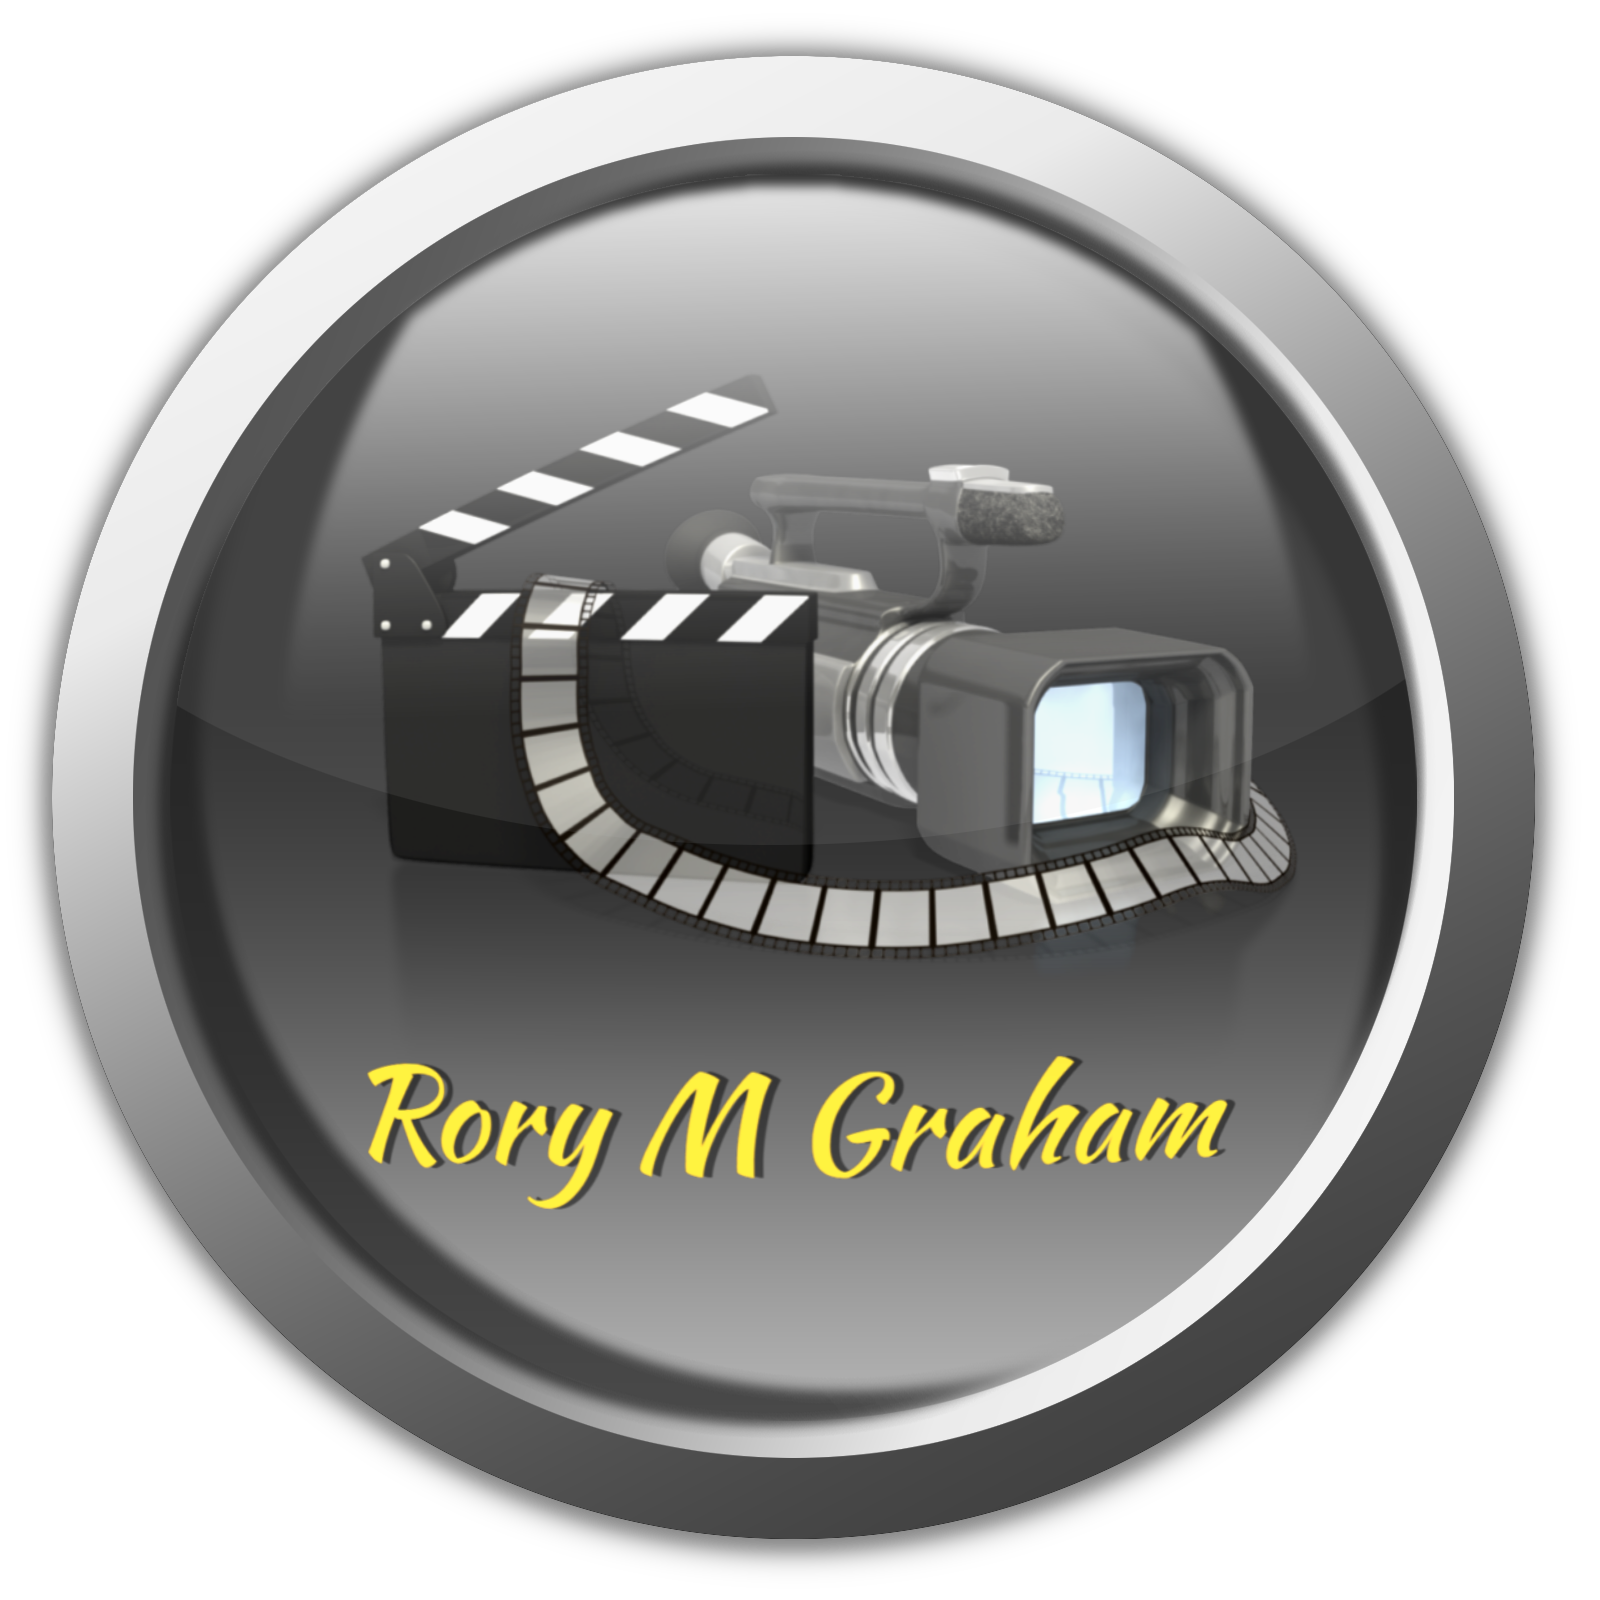 www.rorymgraham.com